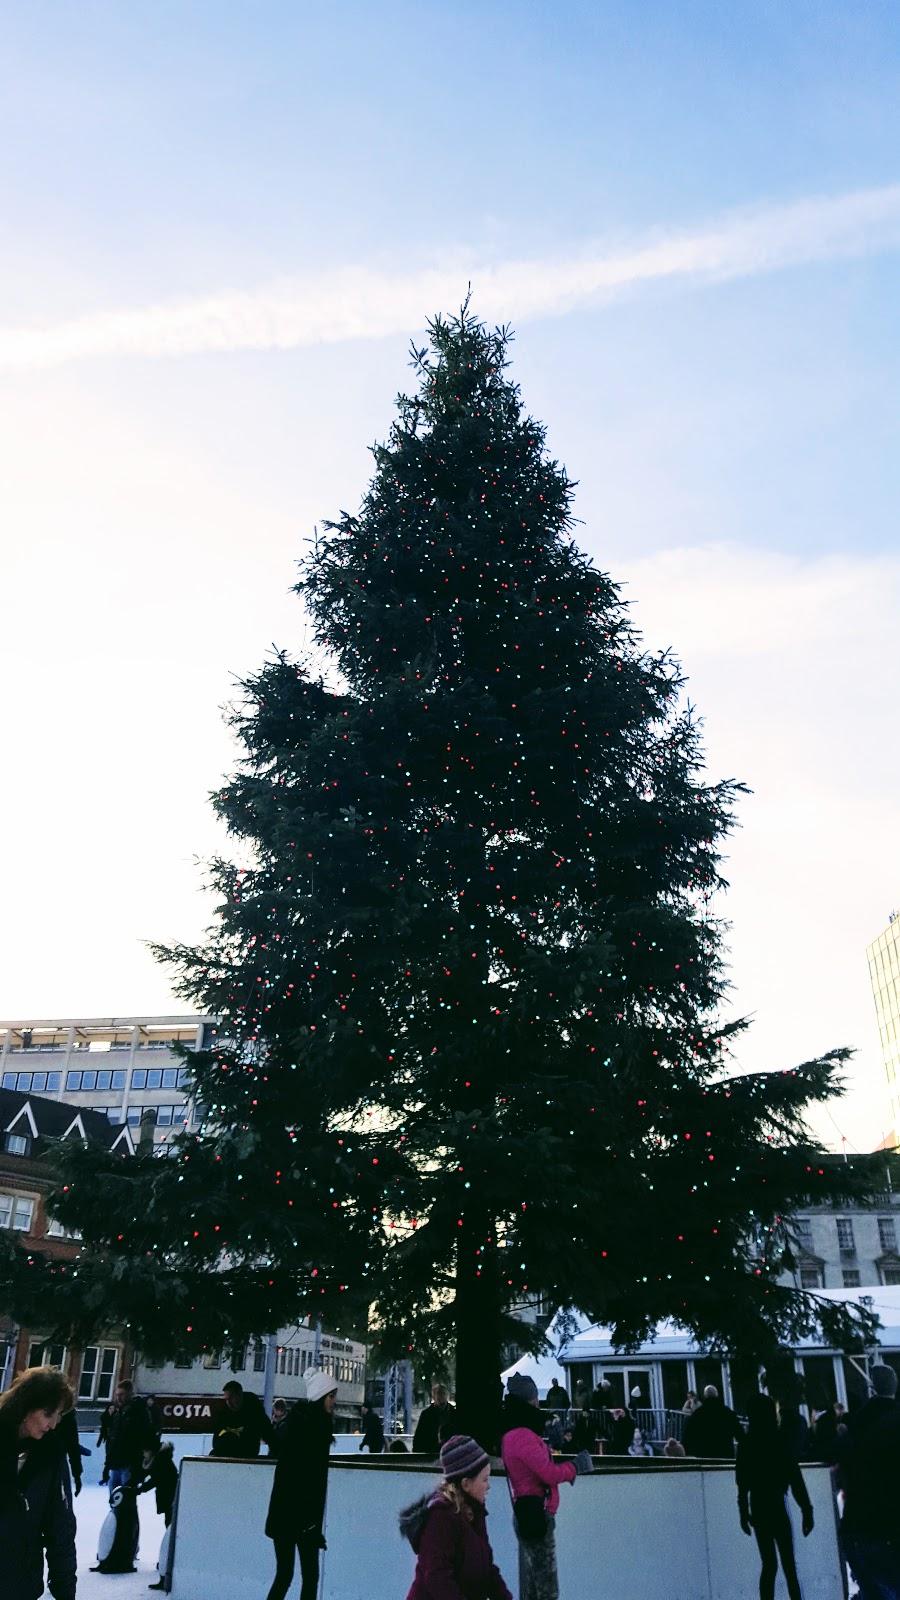 Nottingham Christmas Market: What I Wore